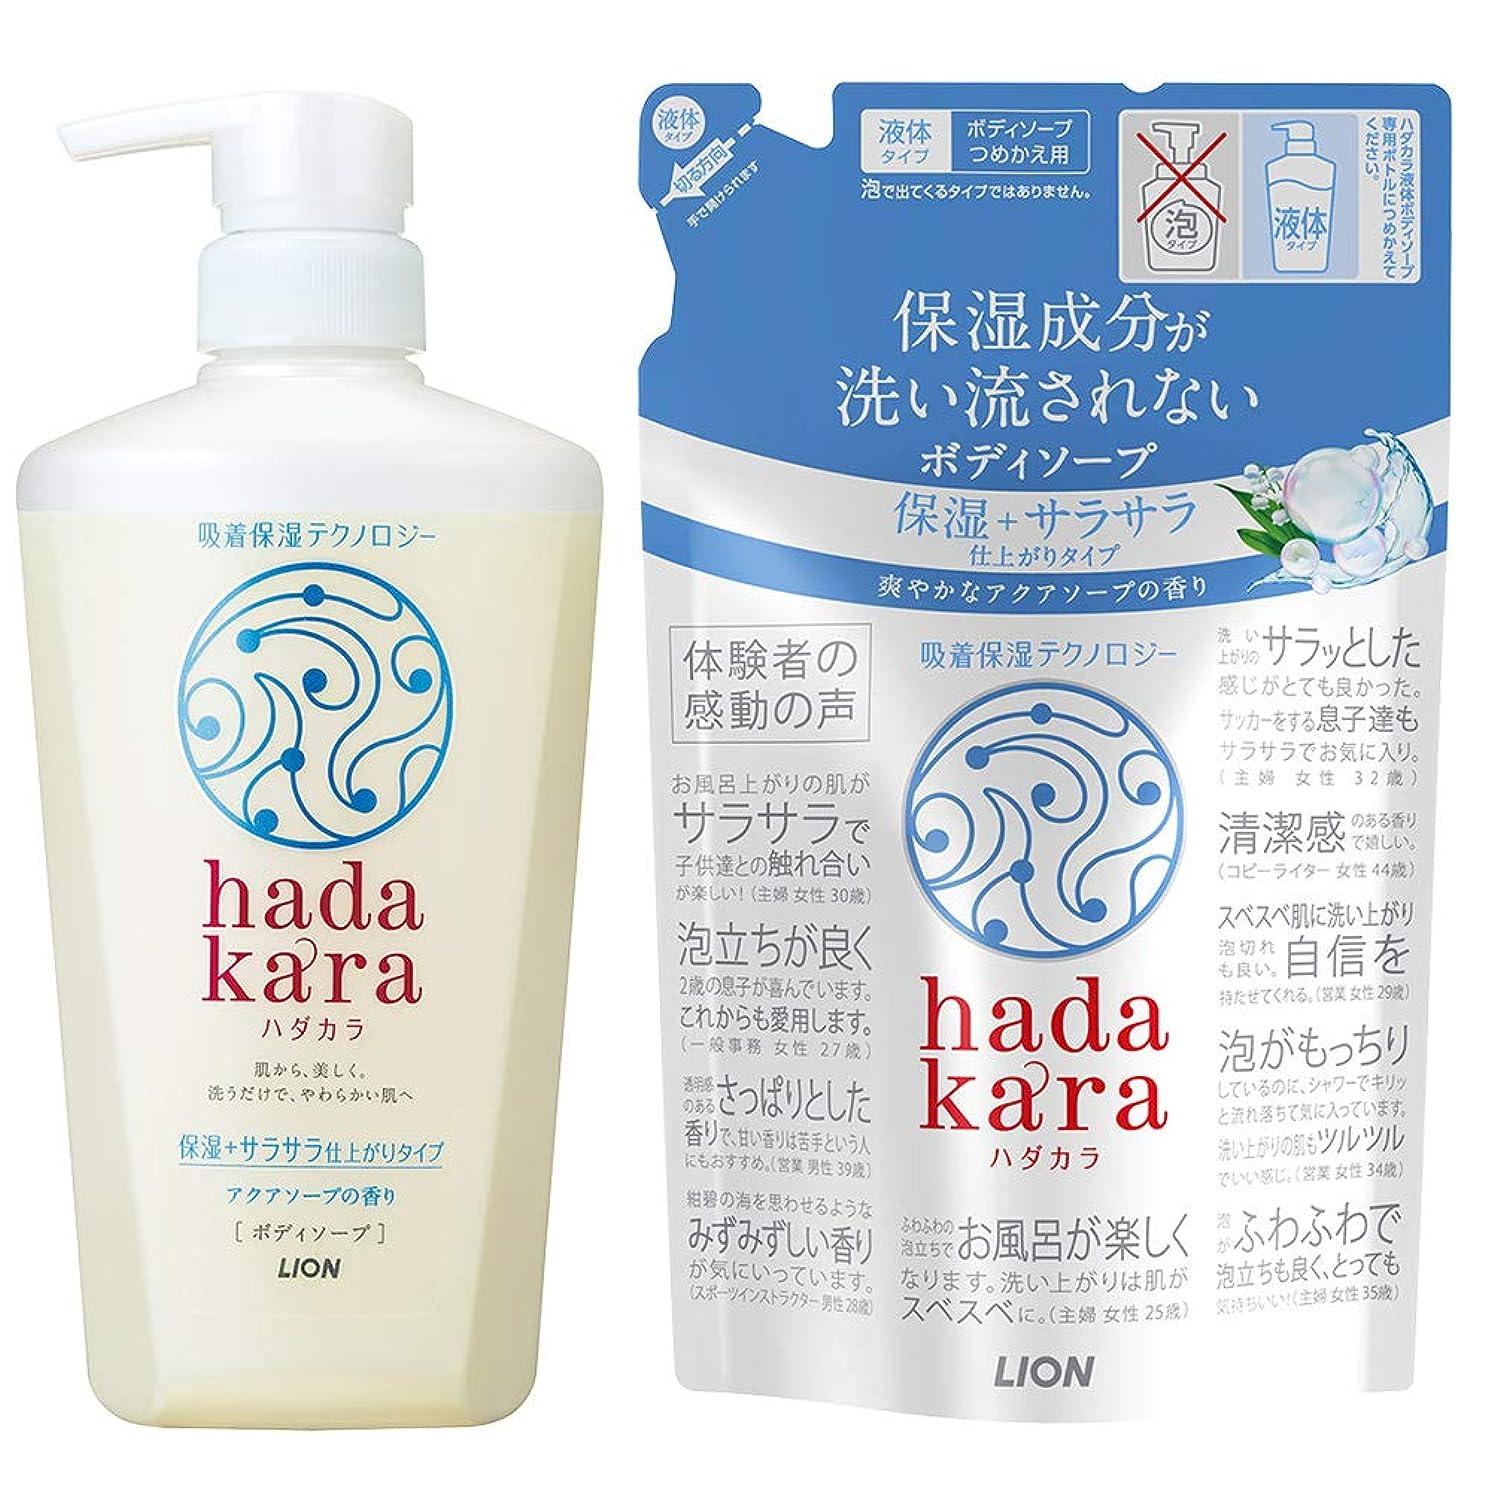 カタログ中でキノコhadakara(ハダカラ)ボディソープ 保湿+サラサラ仕上がりタイプ アクアソープの香り 本体 480ml + つめかえ 340ml